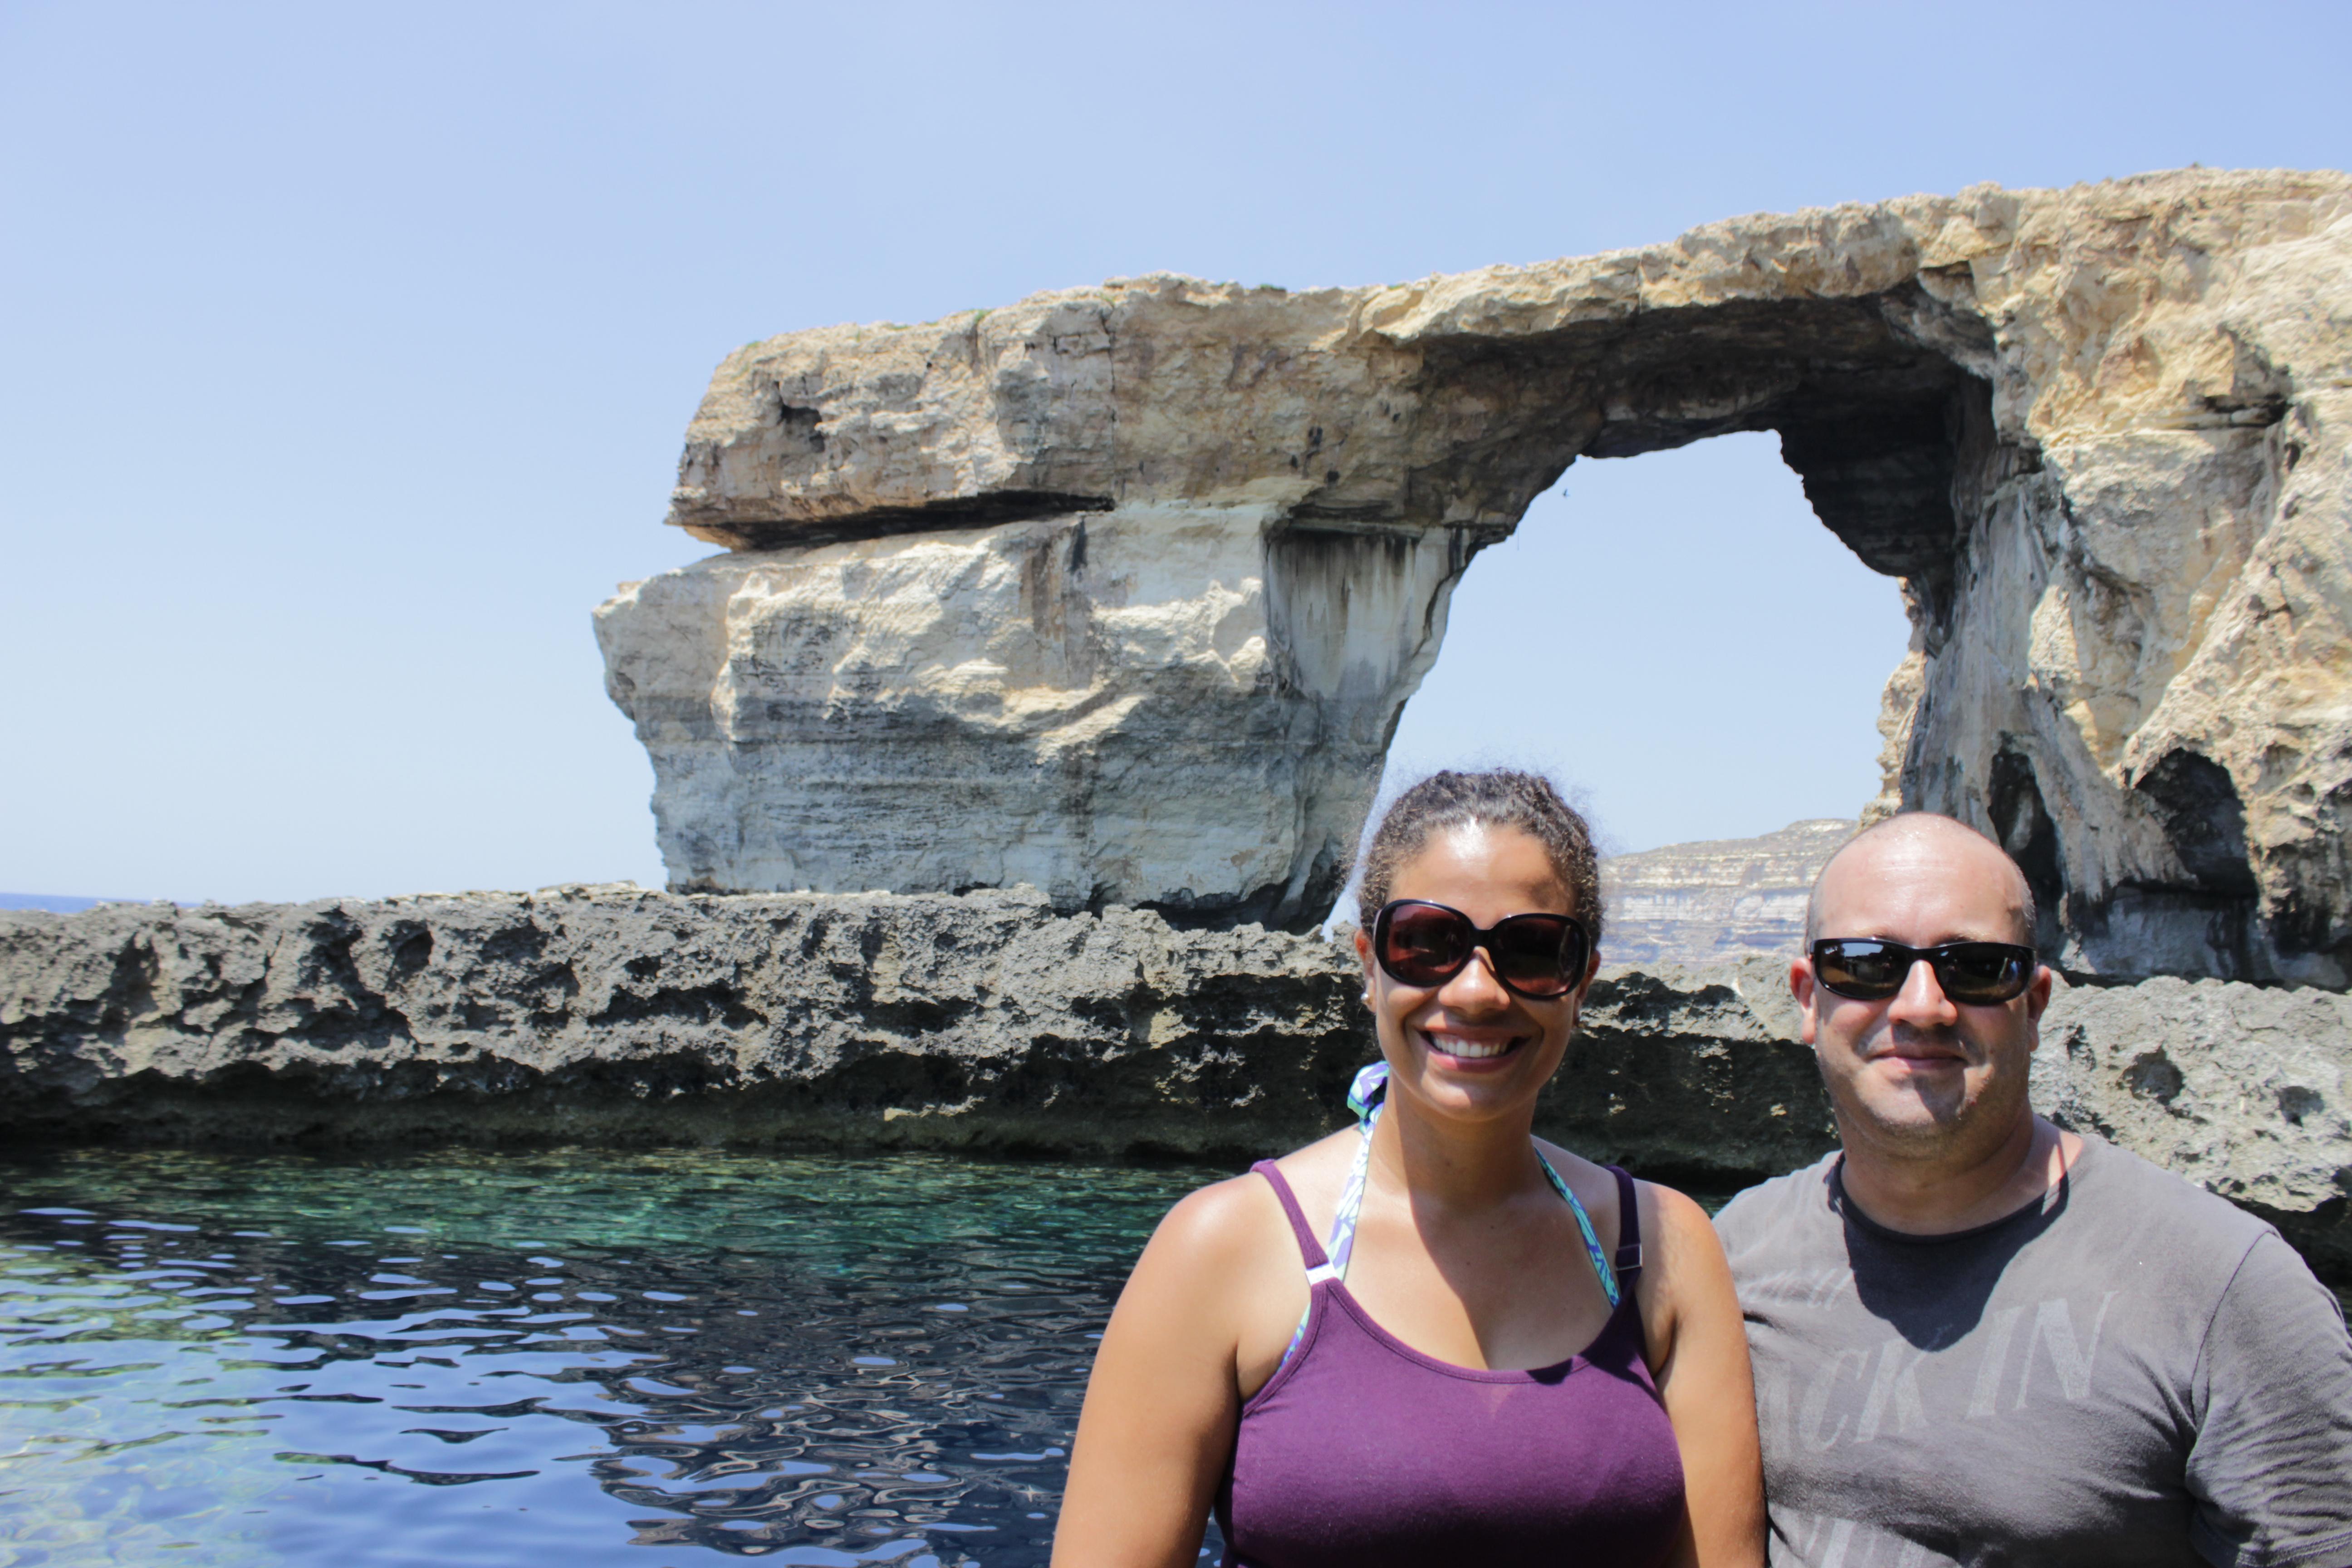 Um lugar inesquecível, tivemos o prazer de conhecer essa perfeição criada por Deus, em 10 ano no máximo não existirá mais o Azure Window, devido a ação do vendo e do mar nas rochas.